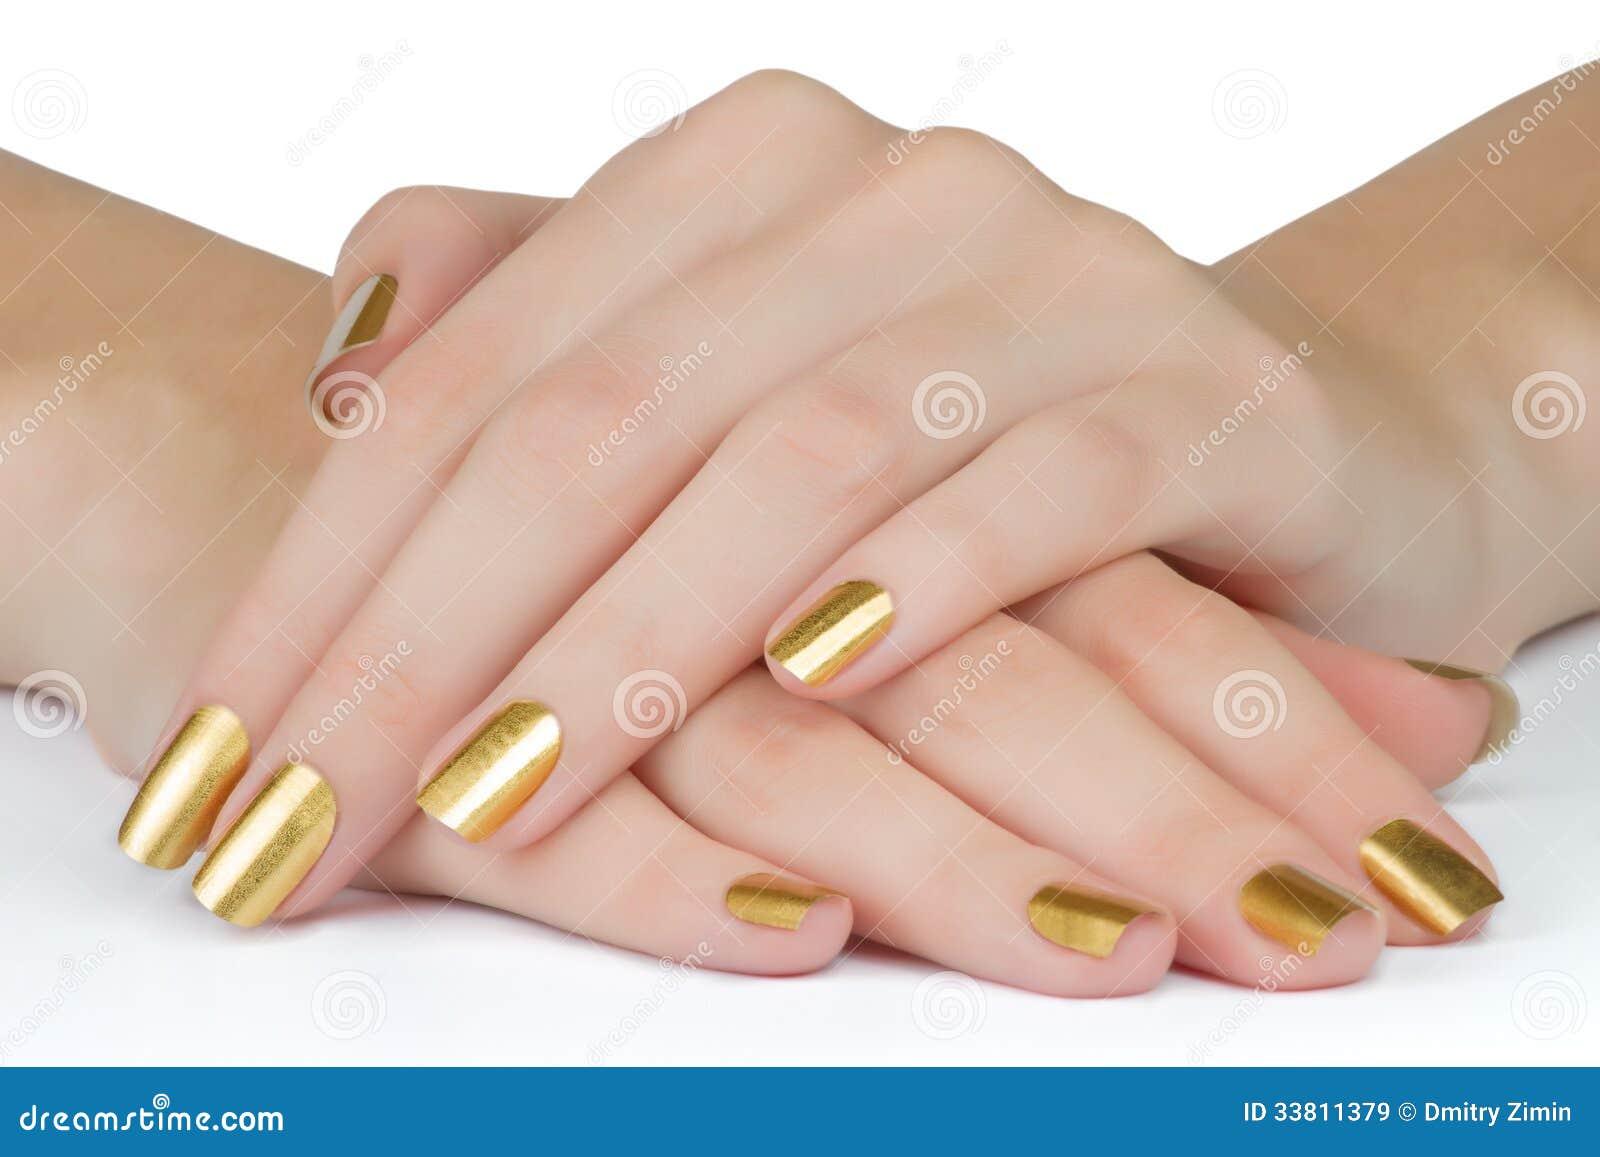 Goldene Nägel stockbild. Bild von zauber, weiblichkeit - 33811379